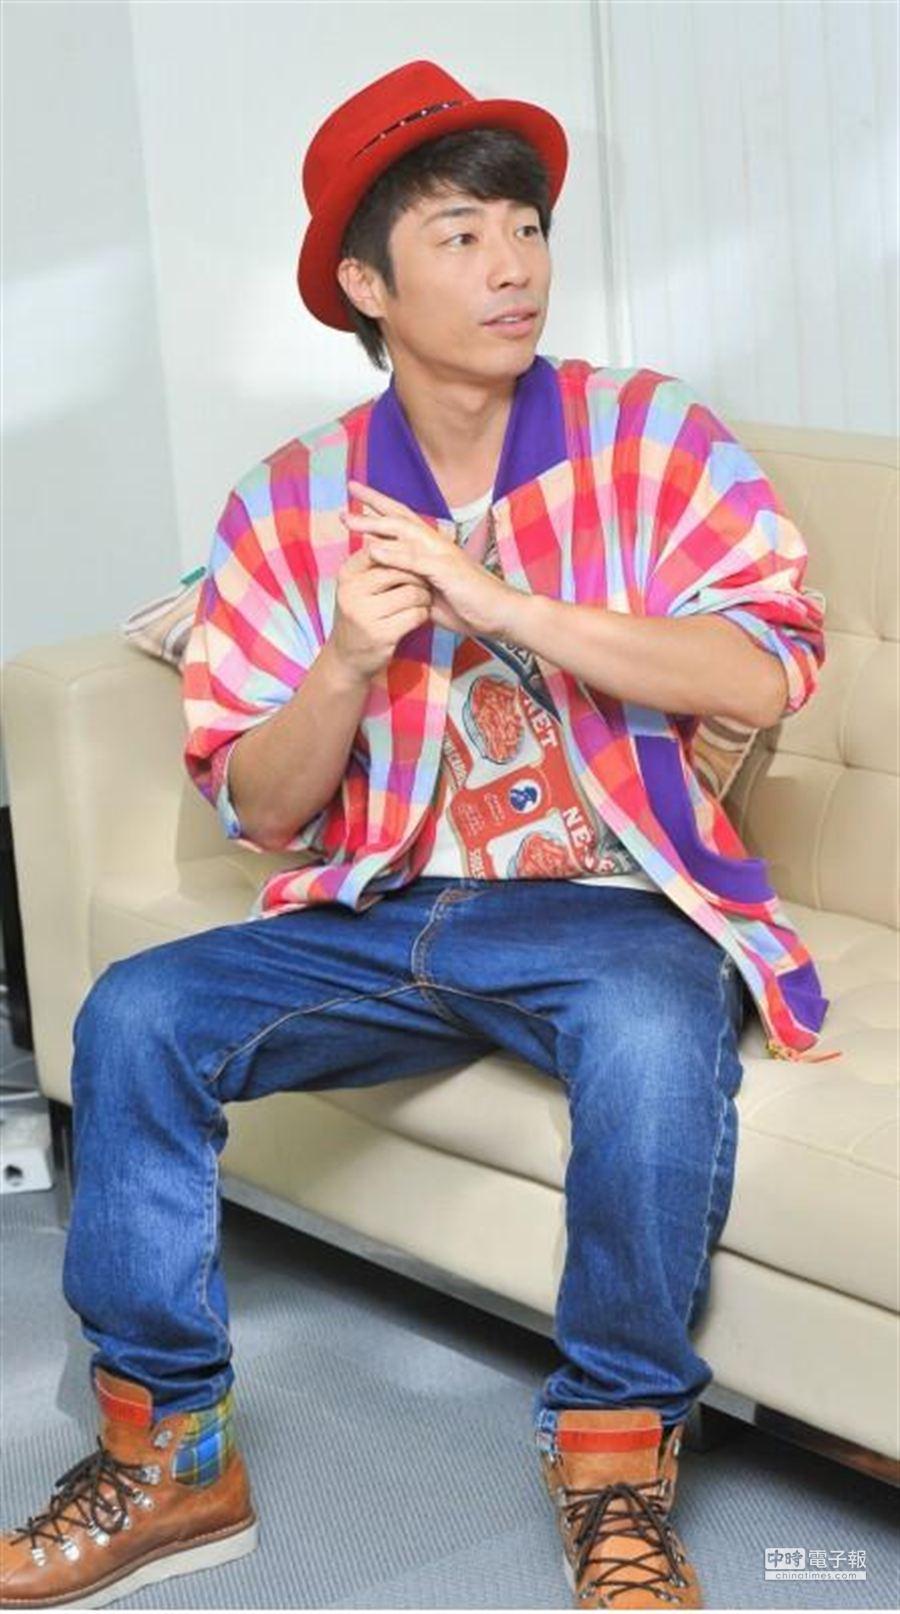 日本知名綜藝節目《男女糾察隊》主持人搞笑藝人田村淳今日來台證實婚訊。(盧禕祺攝)